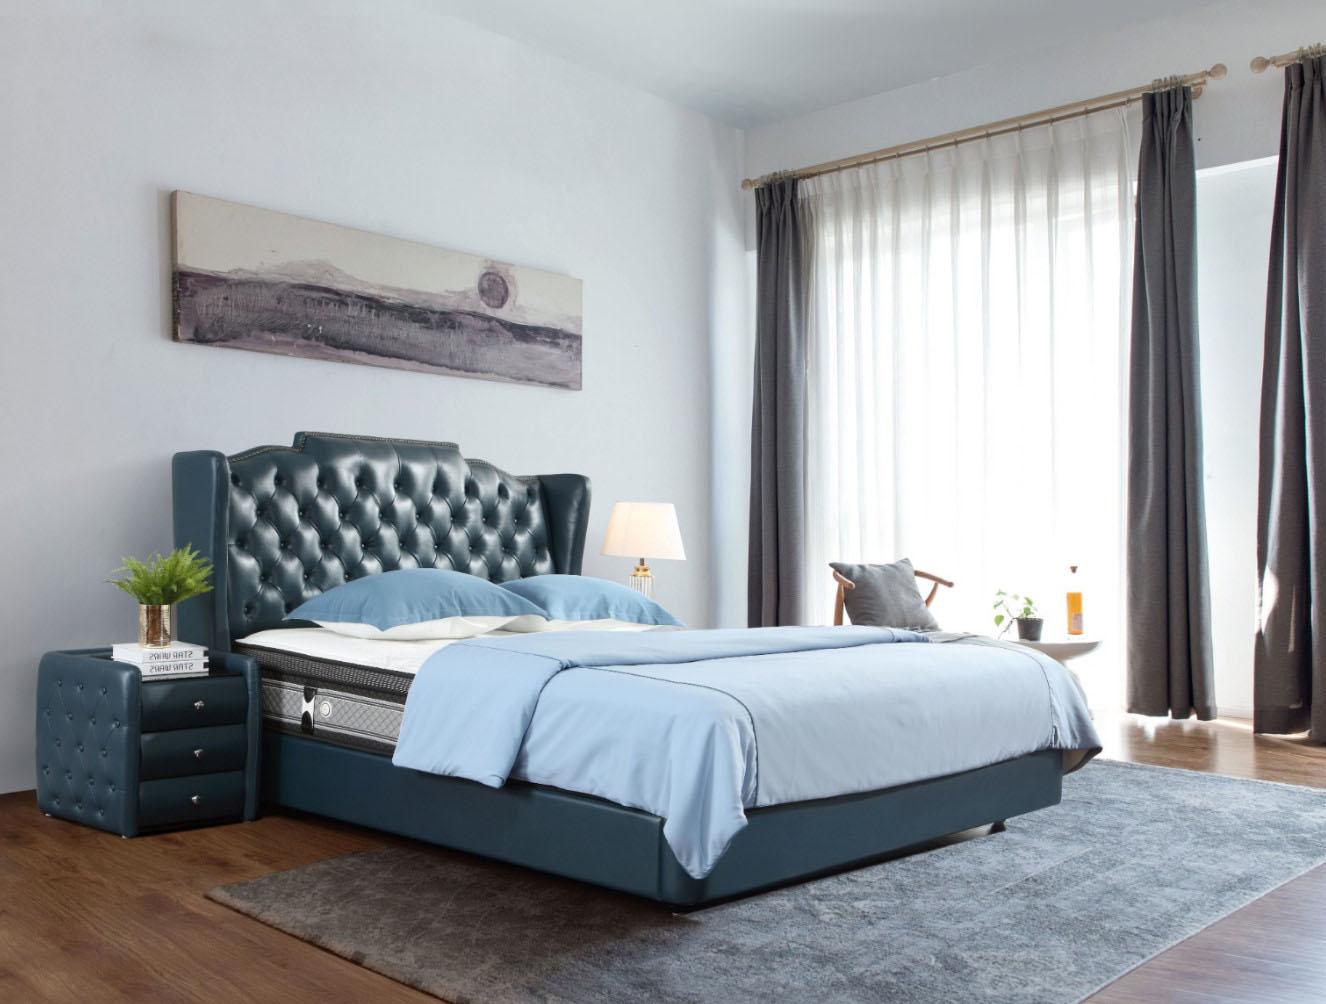 我们该怎么选择床的款式?冠朴寝具给您的建议